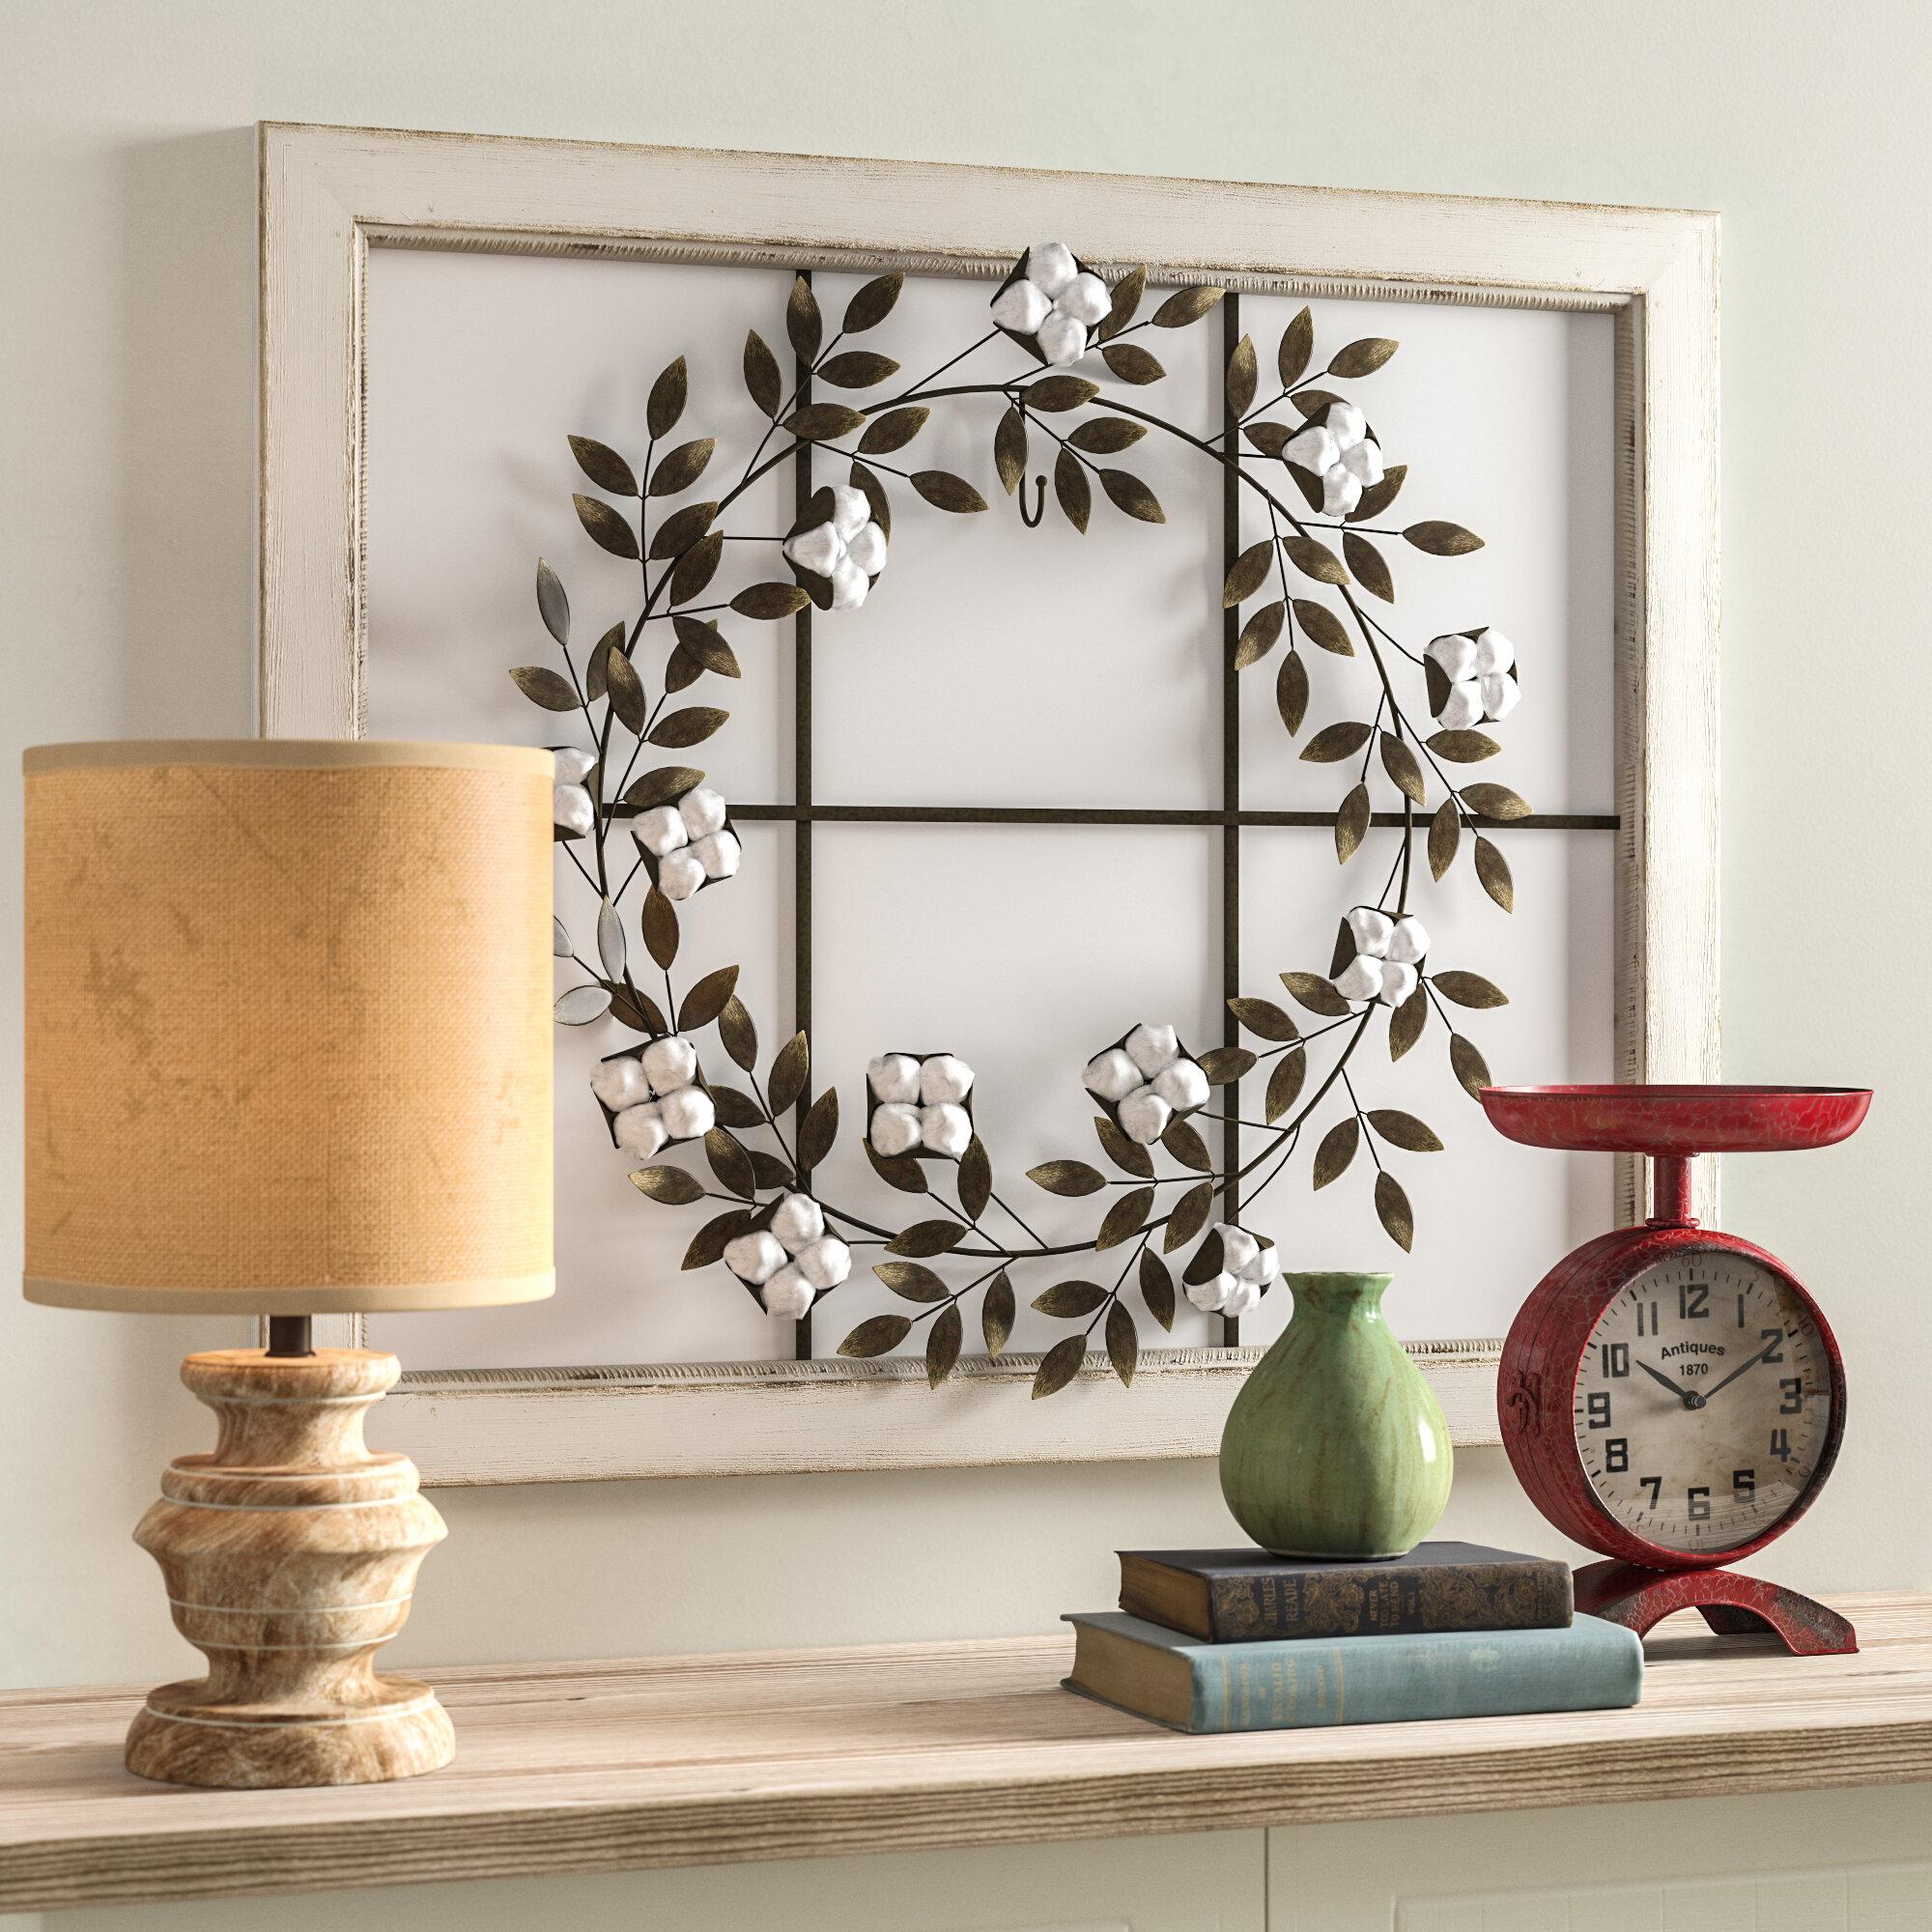 Floral Wreath Wood Framed Wall Décor for Floral Wreath Wood Framed Wall Decor (Image 16 of 30)